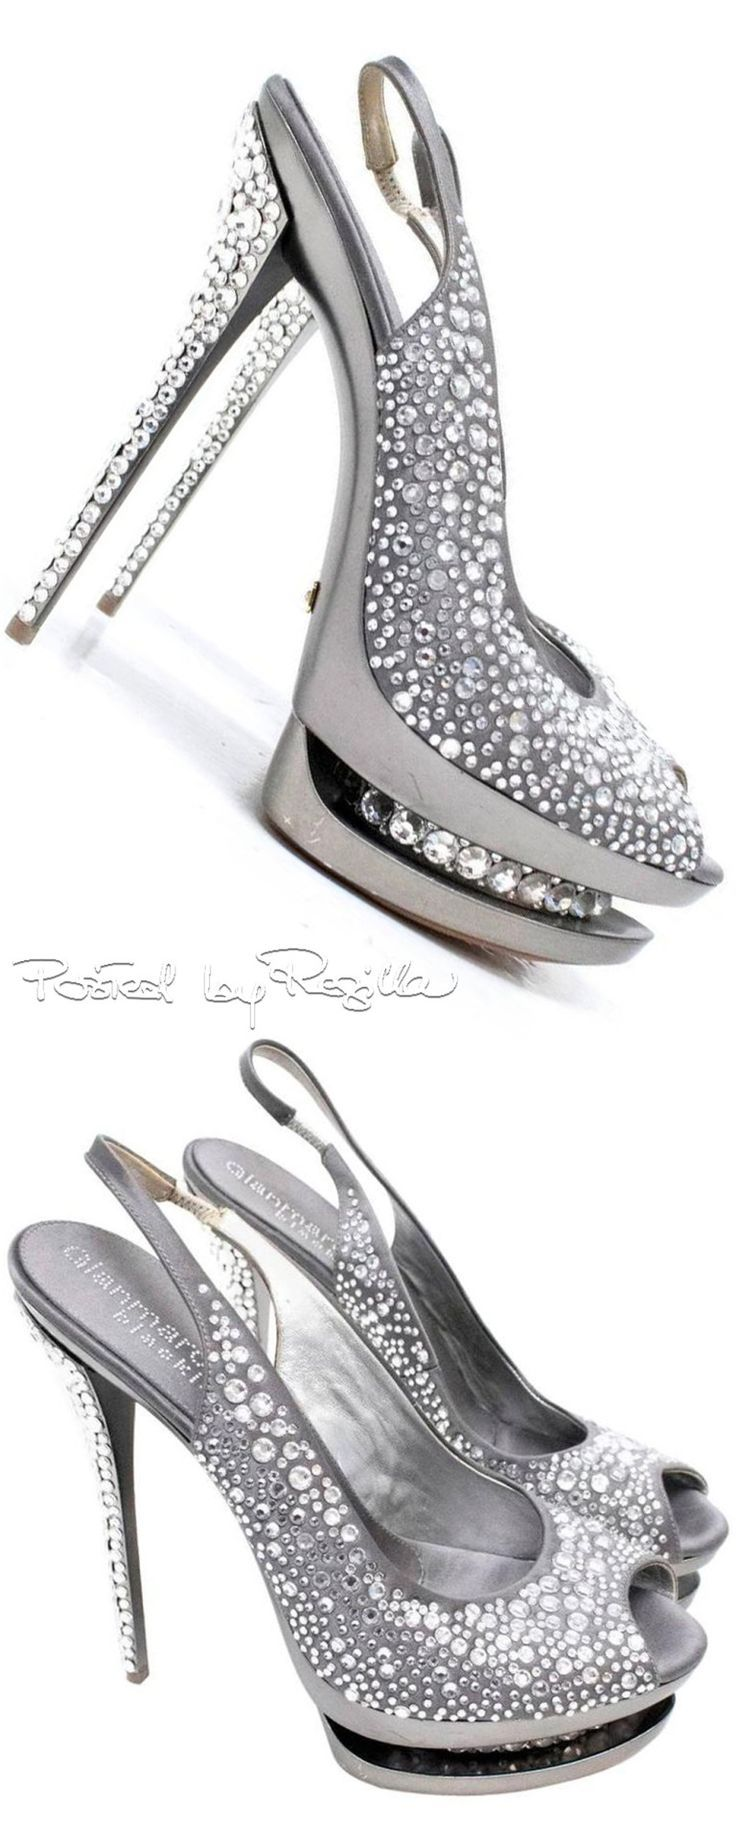 bescita Mujer Cómodo lienzo de pie para elegante Slip On Hombre Flats zapatos azul beige Talla:9.5 nIMiDqxB